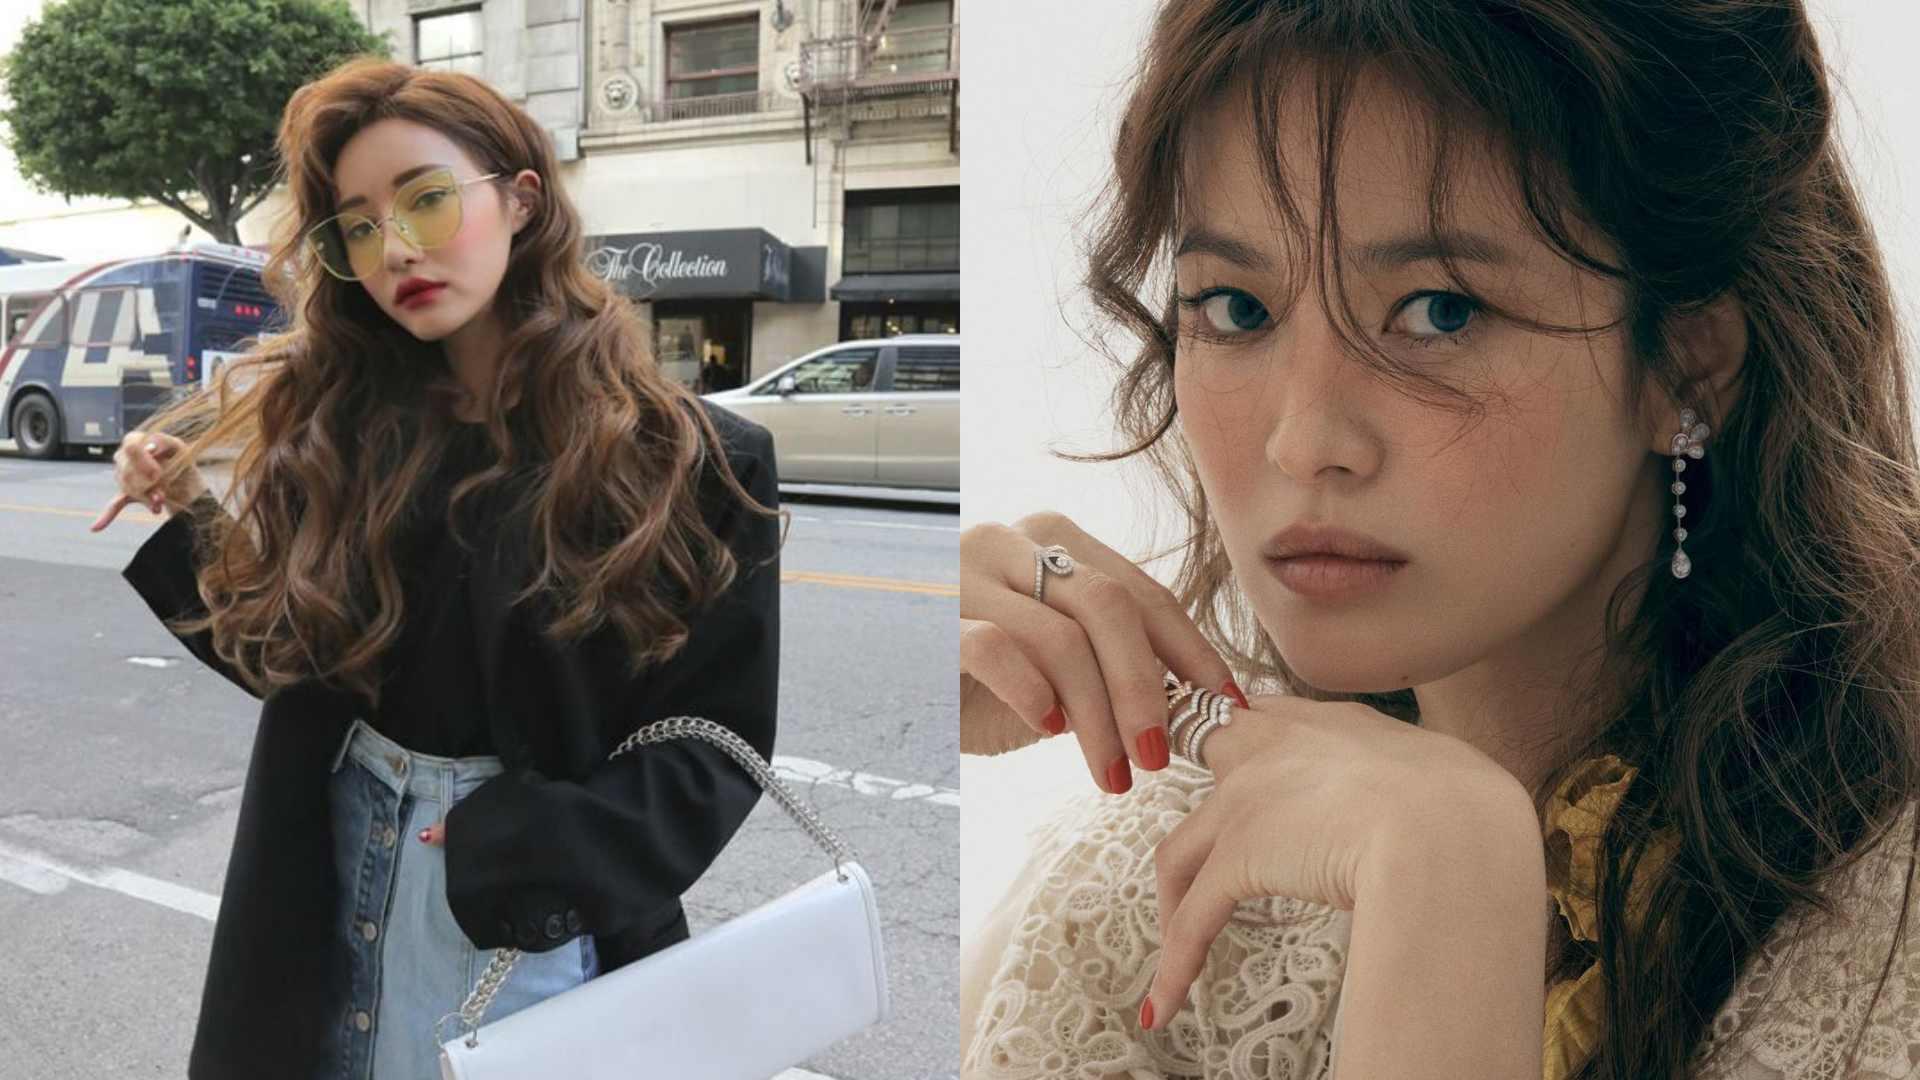 連女神宋慧喬也以羊毛捲髮的造型入鏡!